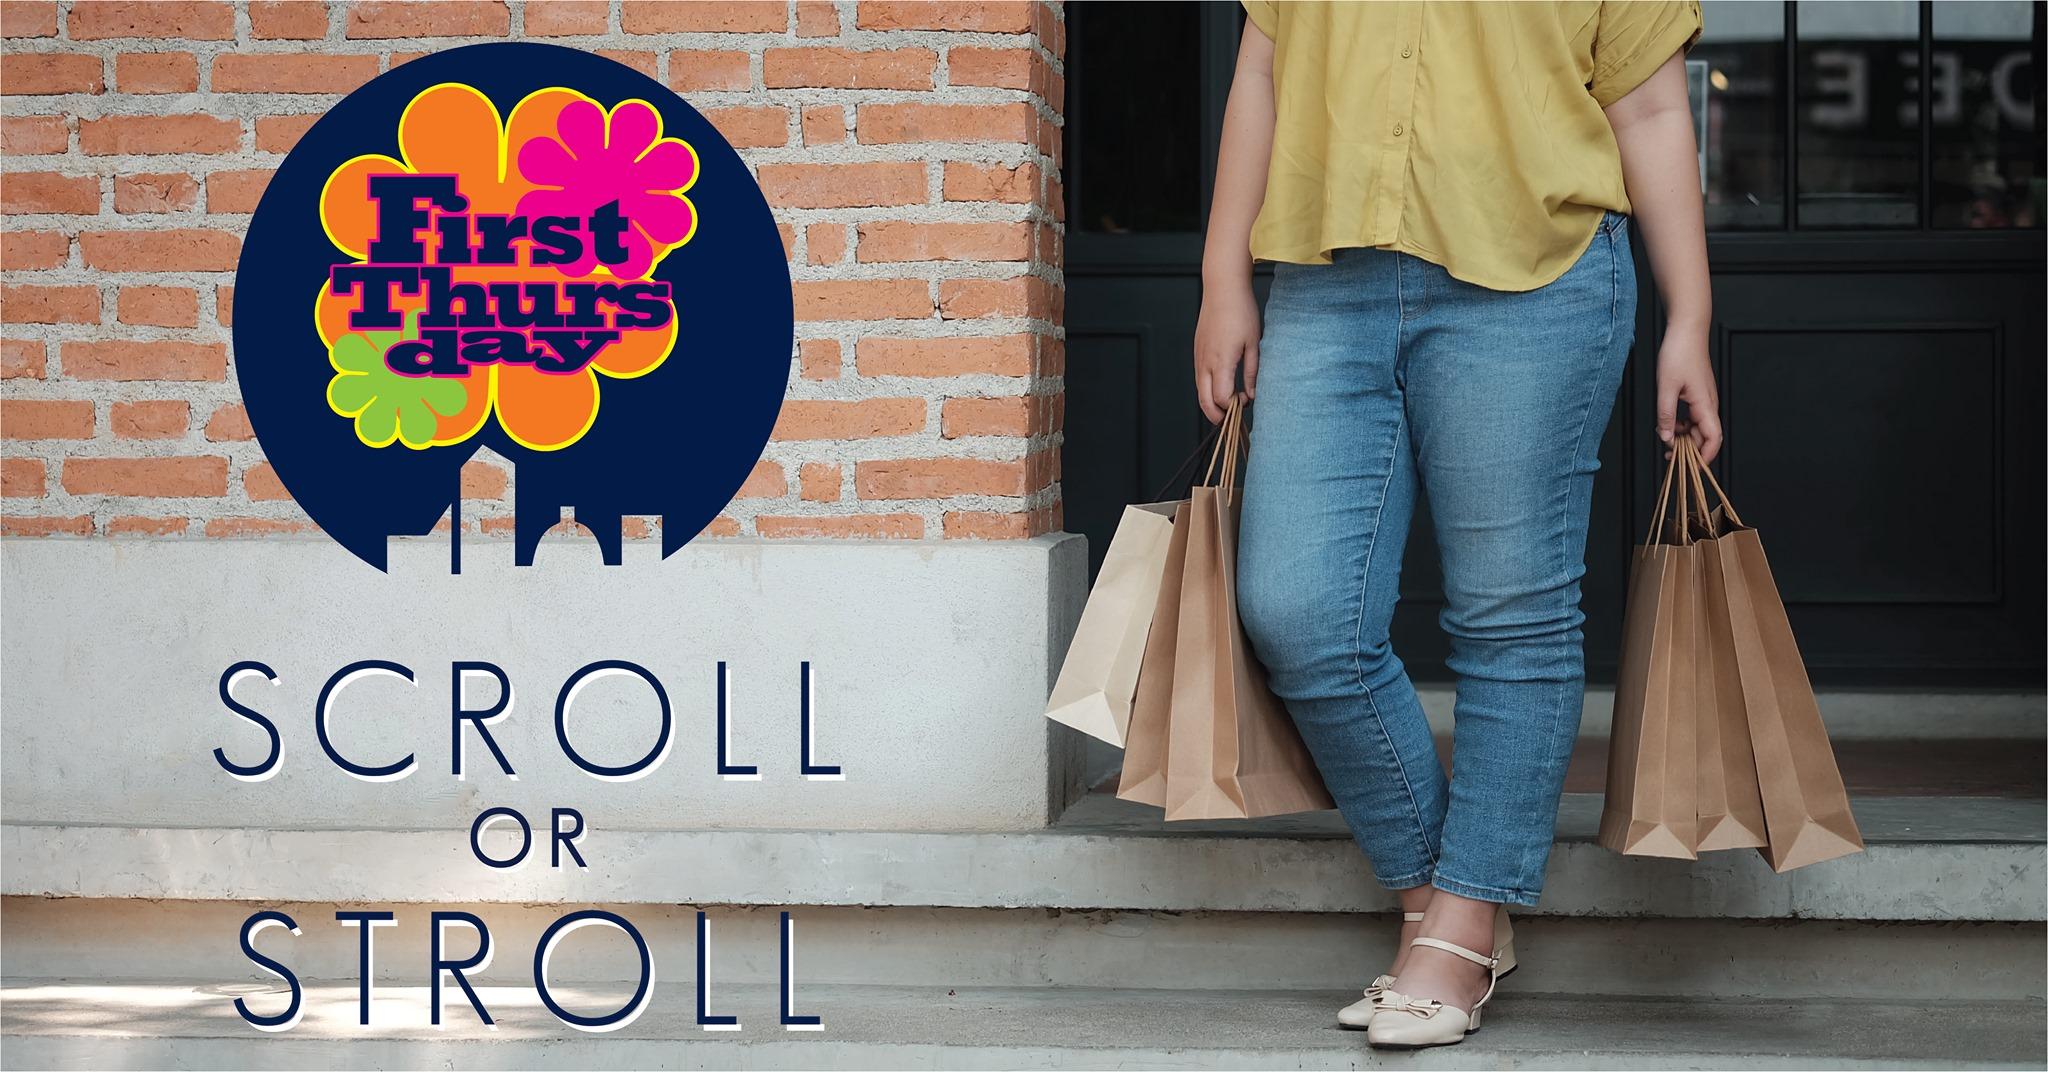 scroll or stroll